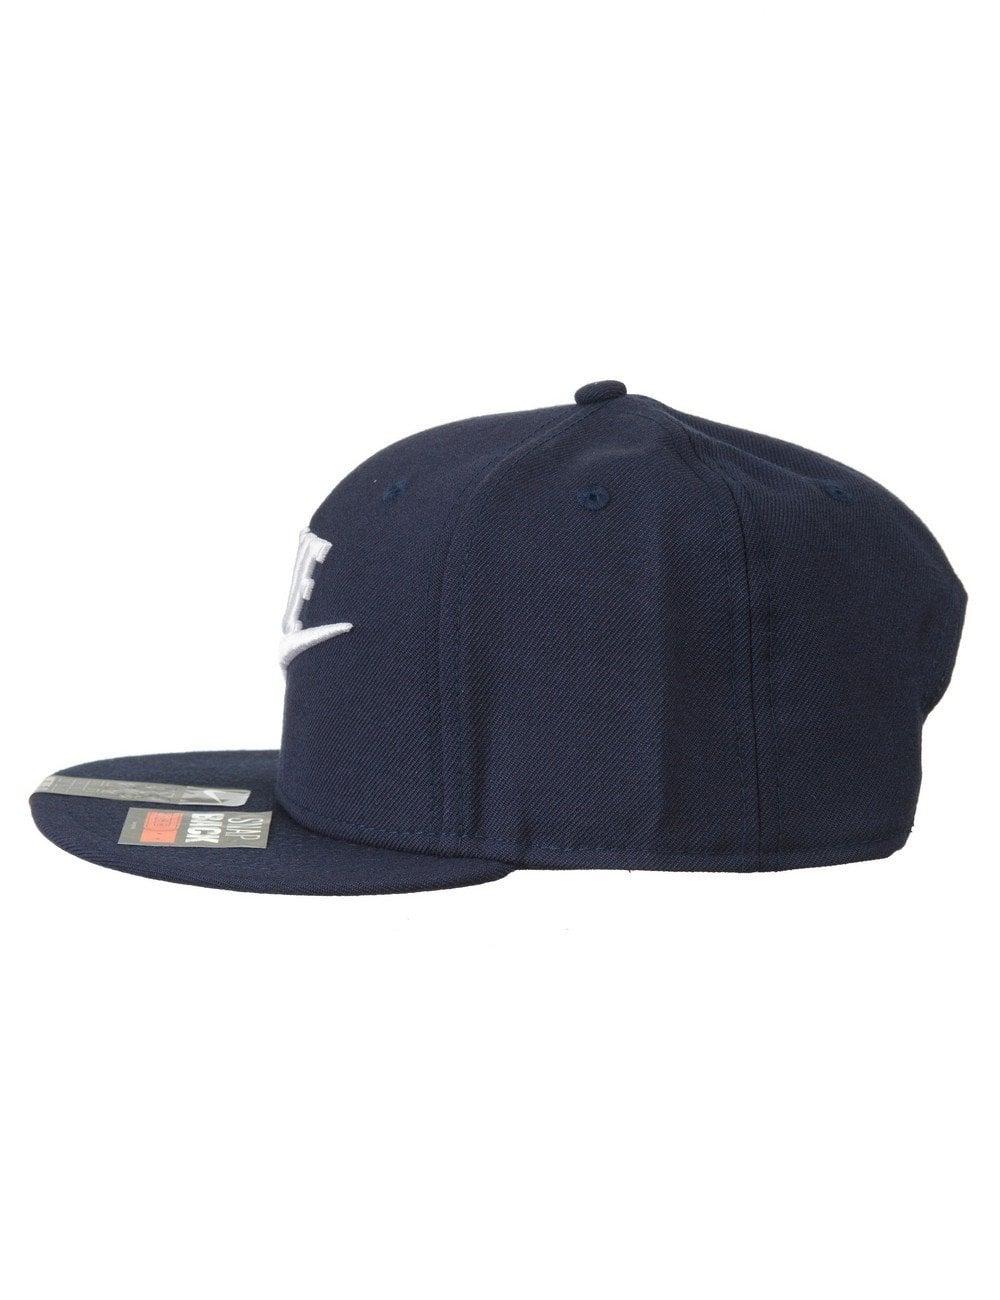 Nike Futura True 2 Snapback Hat - Obsidian - Accessories from Fat ... 0562744fc98b